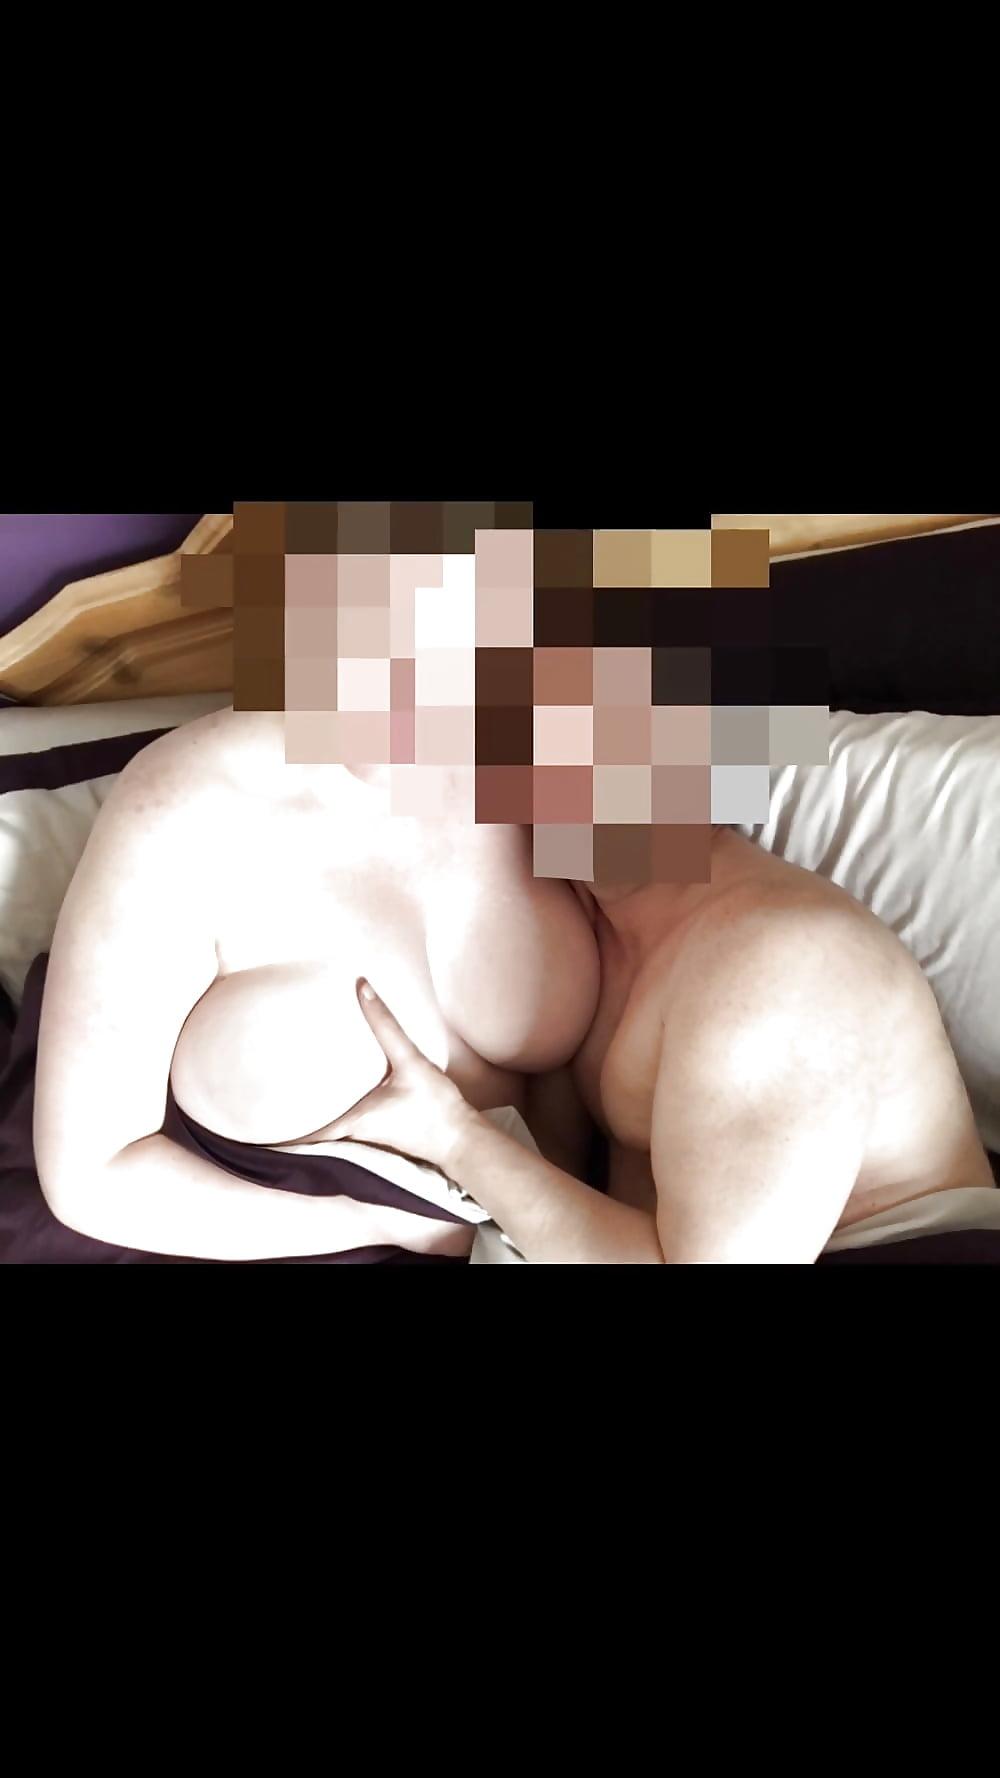 Hot naked tits pics-1560